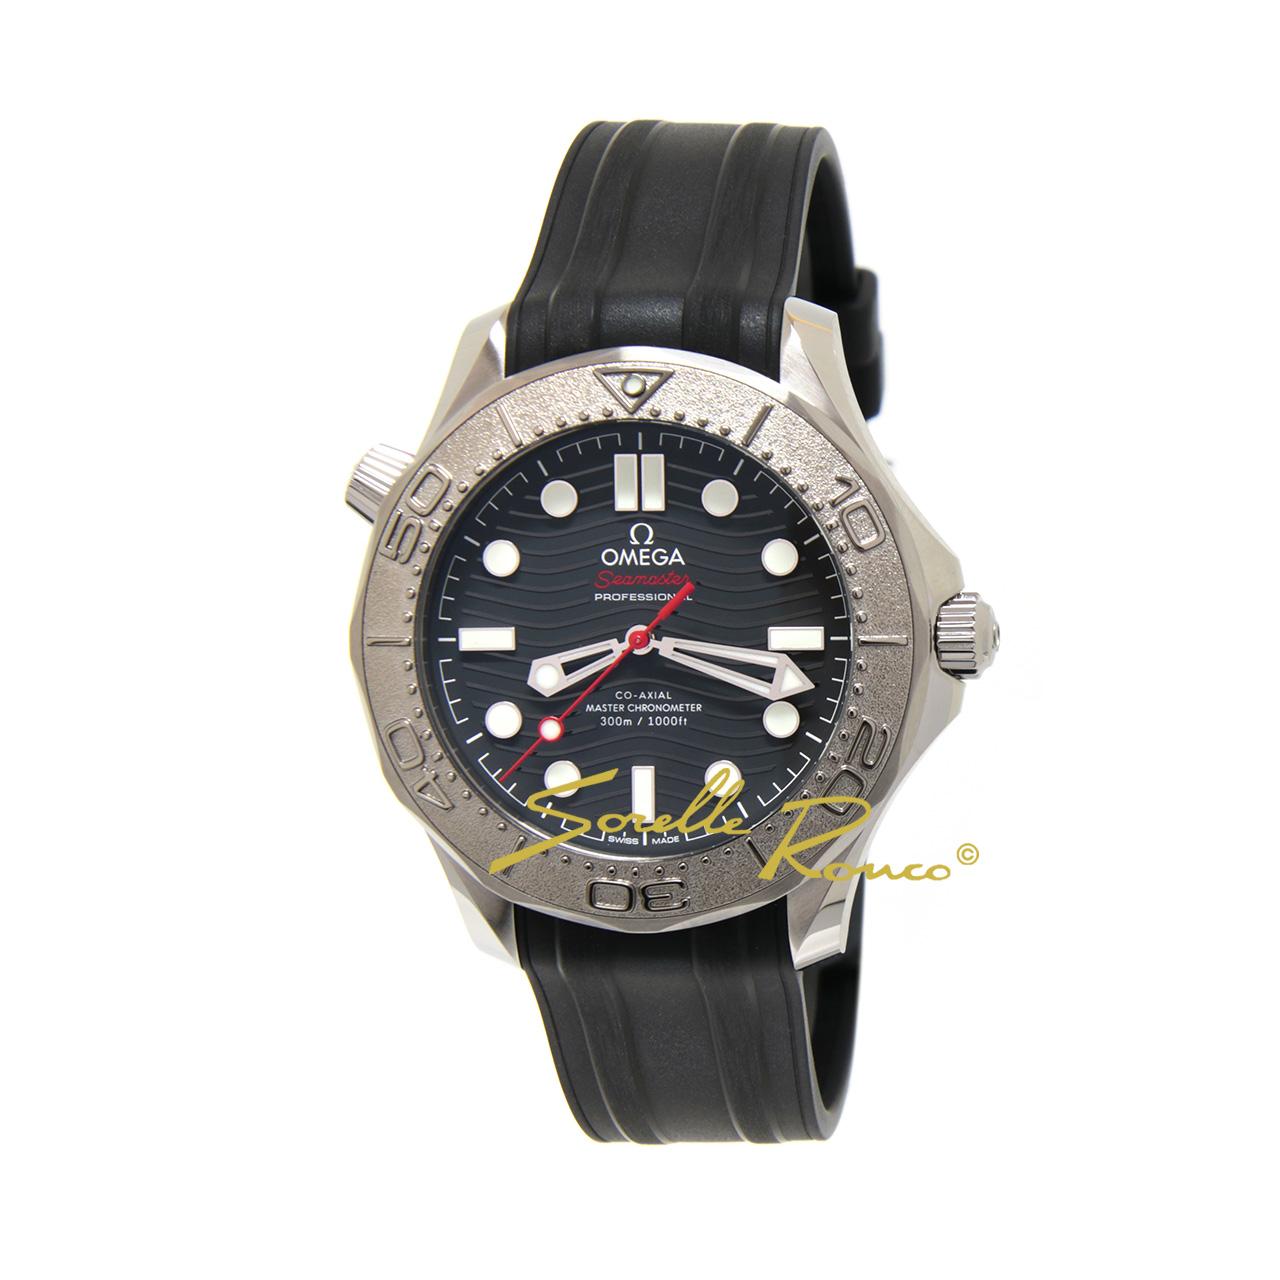 Seamaster Diver 300M CO-AXIAL Nekton Edition Gomma